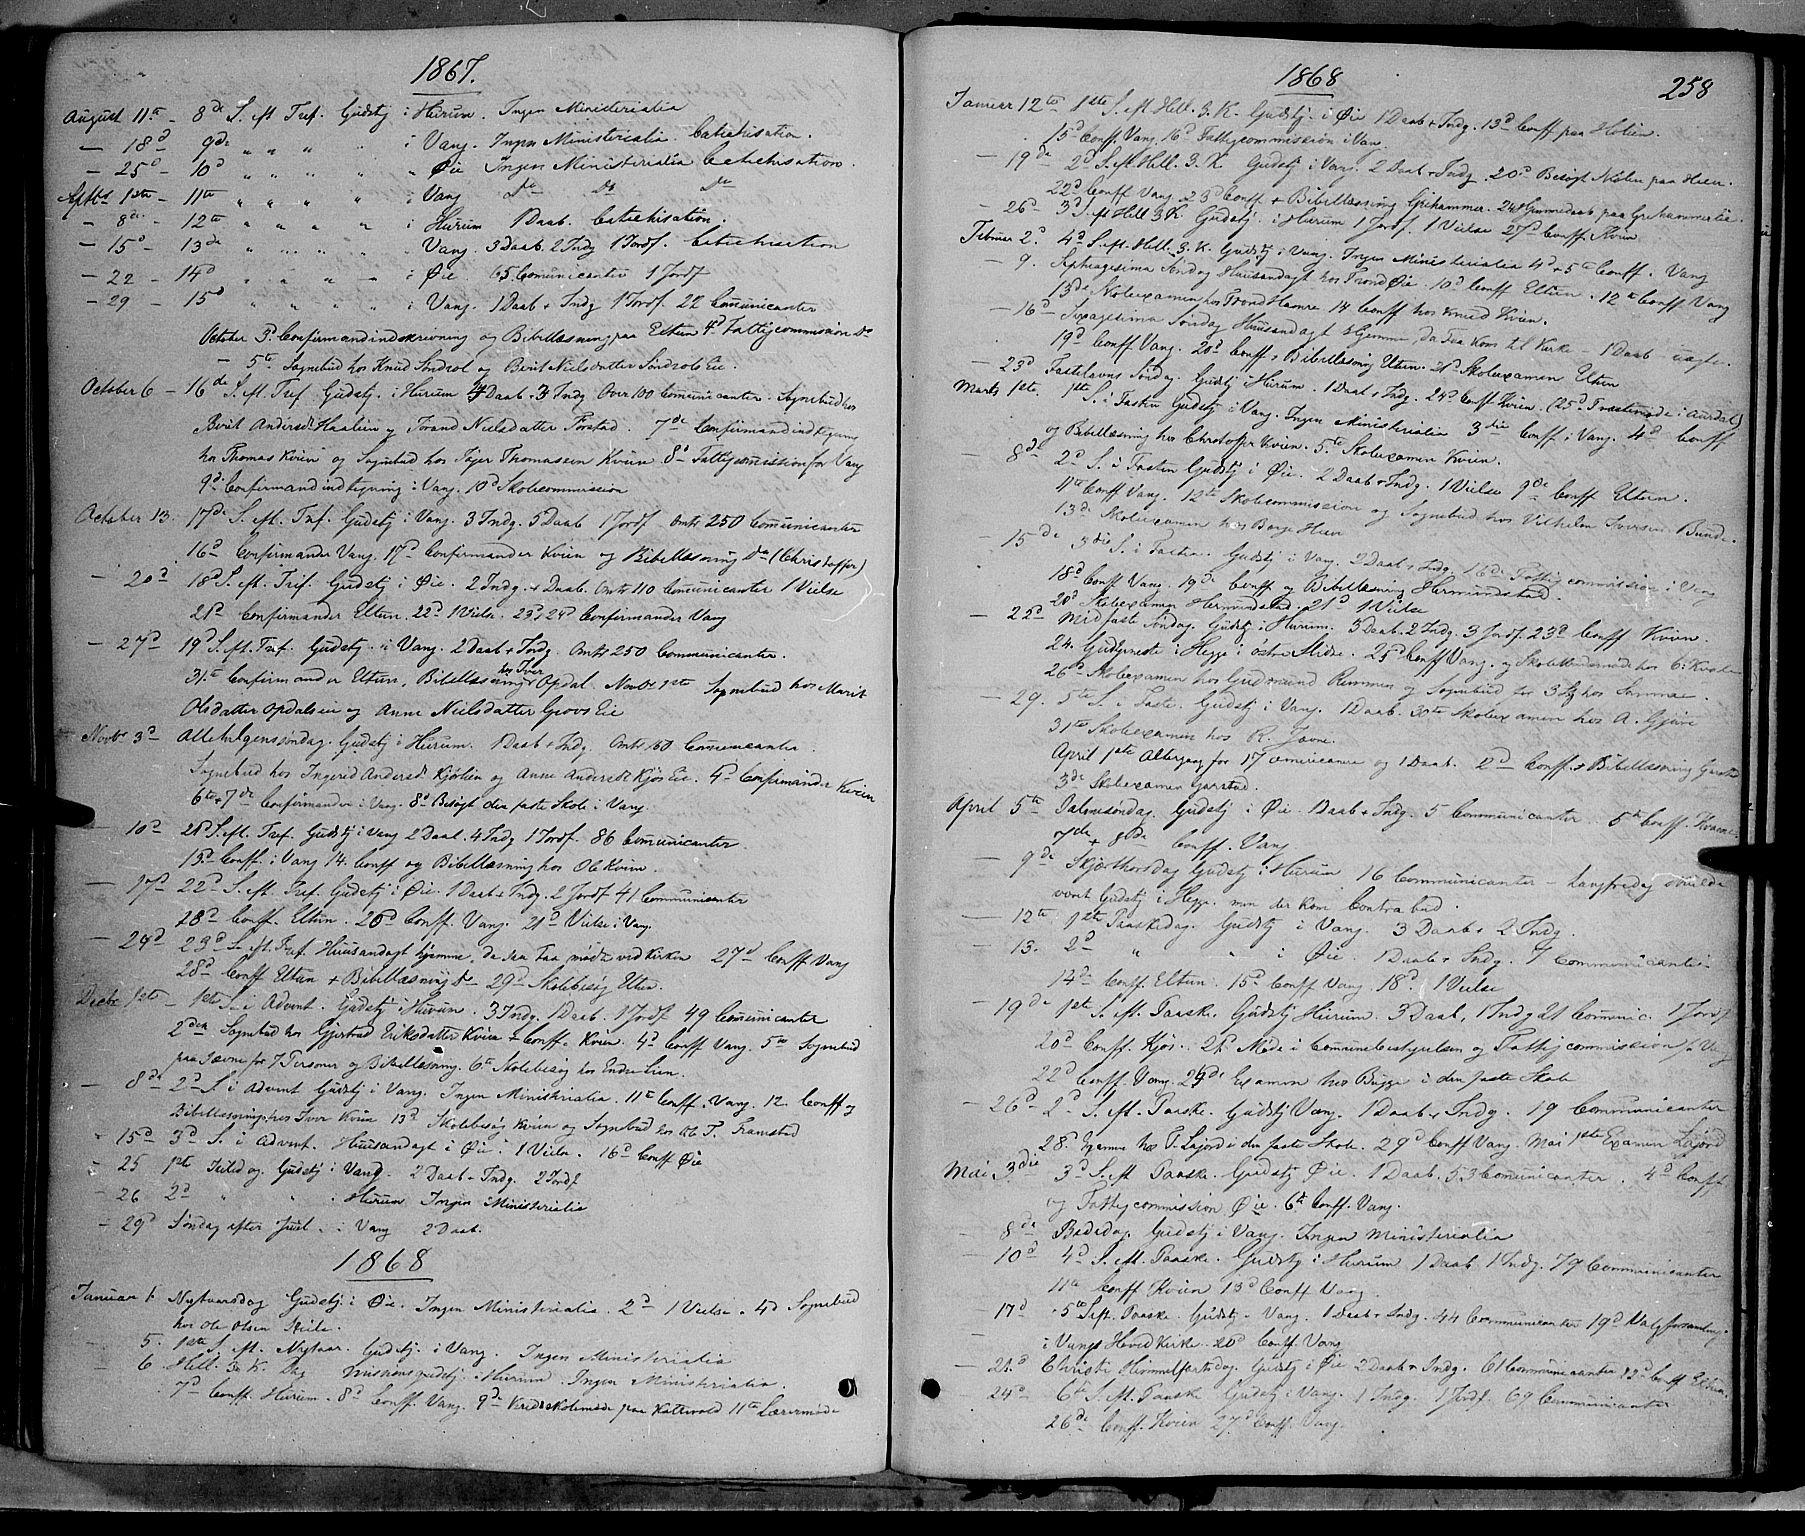 SAH, Vang prestekontor, Valdres, Ministerialbok nr. 7, 1865-1881, s. 258